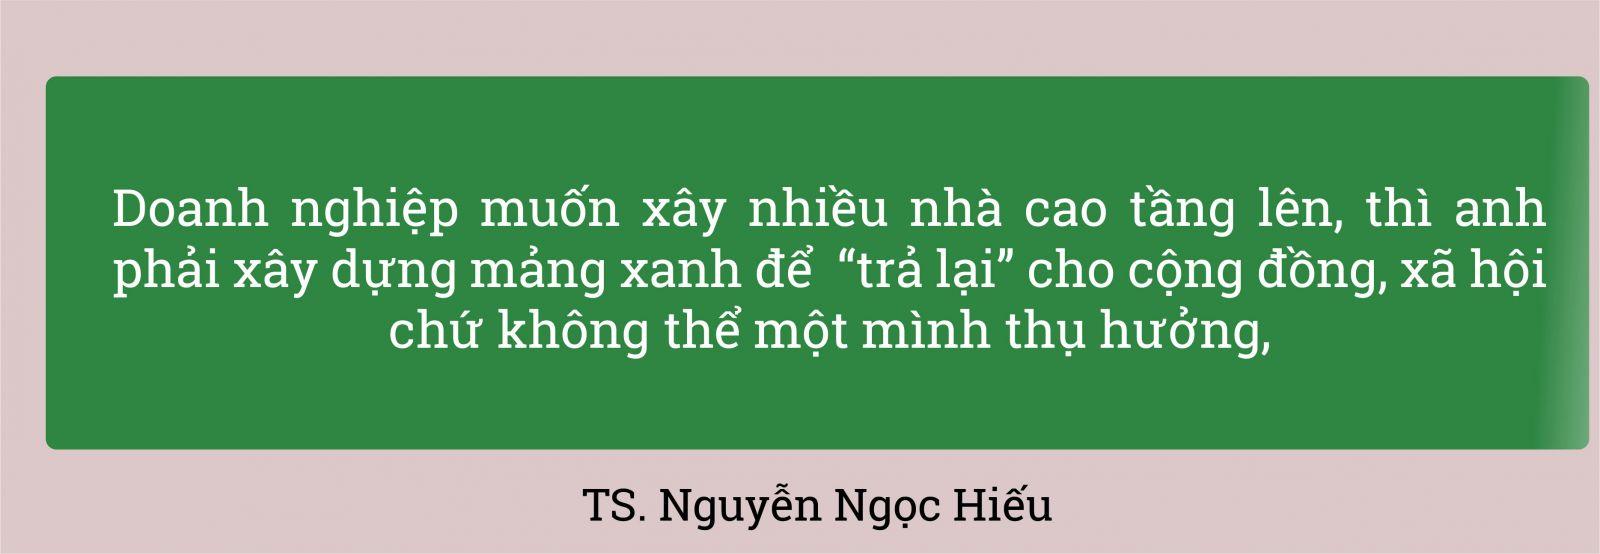 (Thực hiện: Mai Linh)